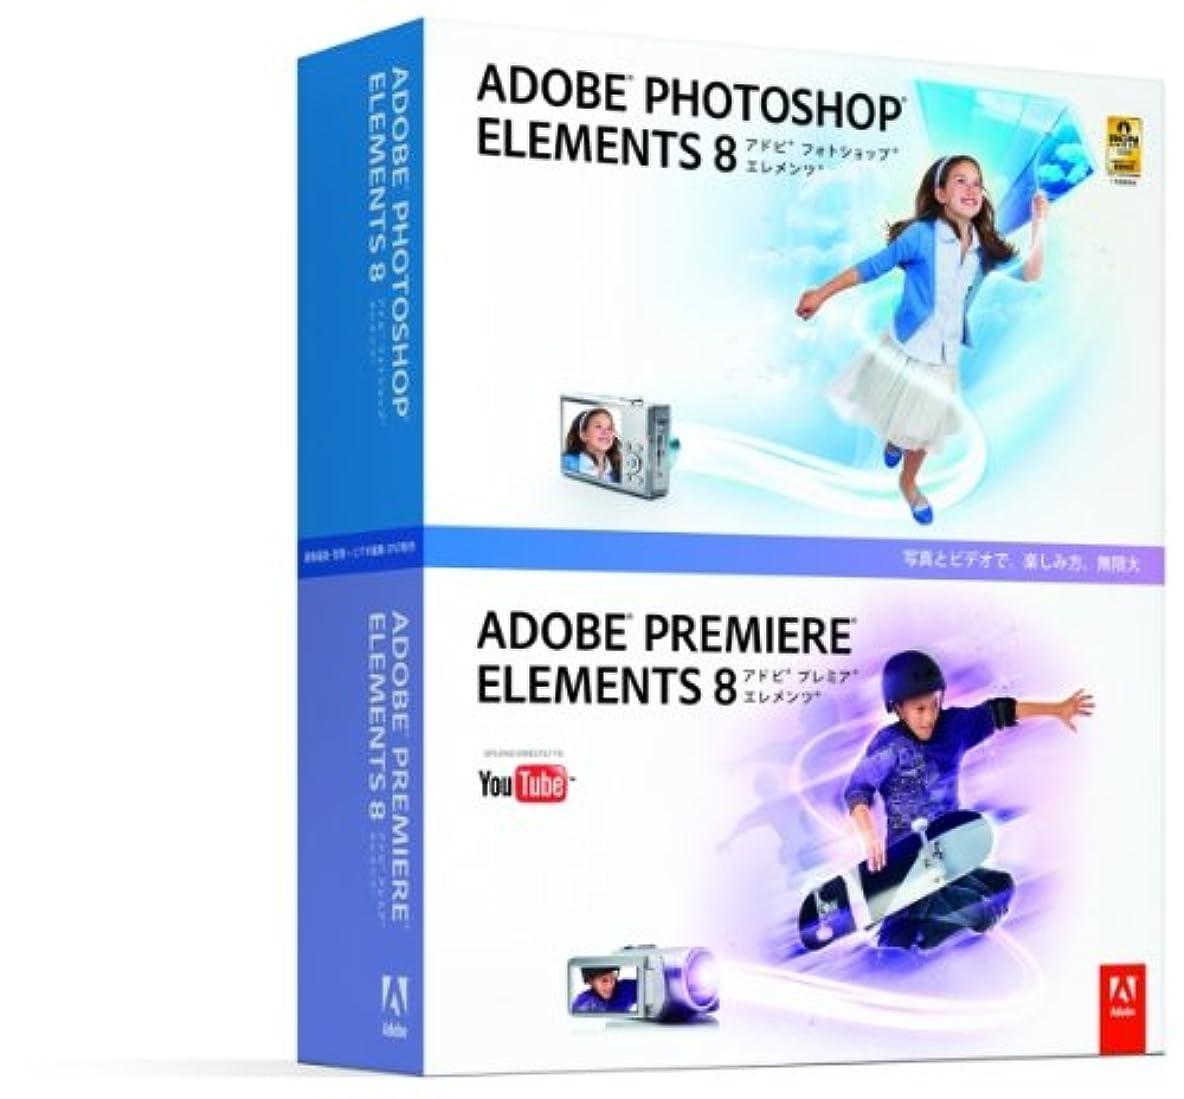 ファッション地下月Adobe Photoshop Elements 8 & Adobe Premiere Elements 8 日本語版 Windows版